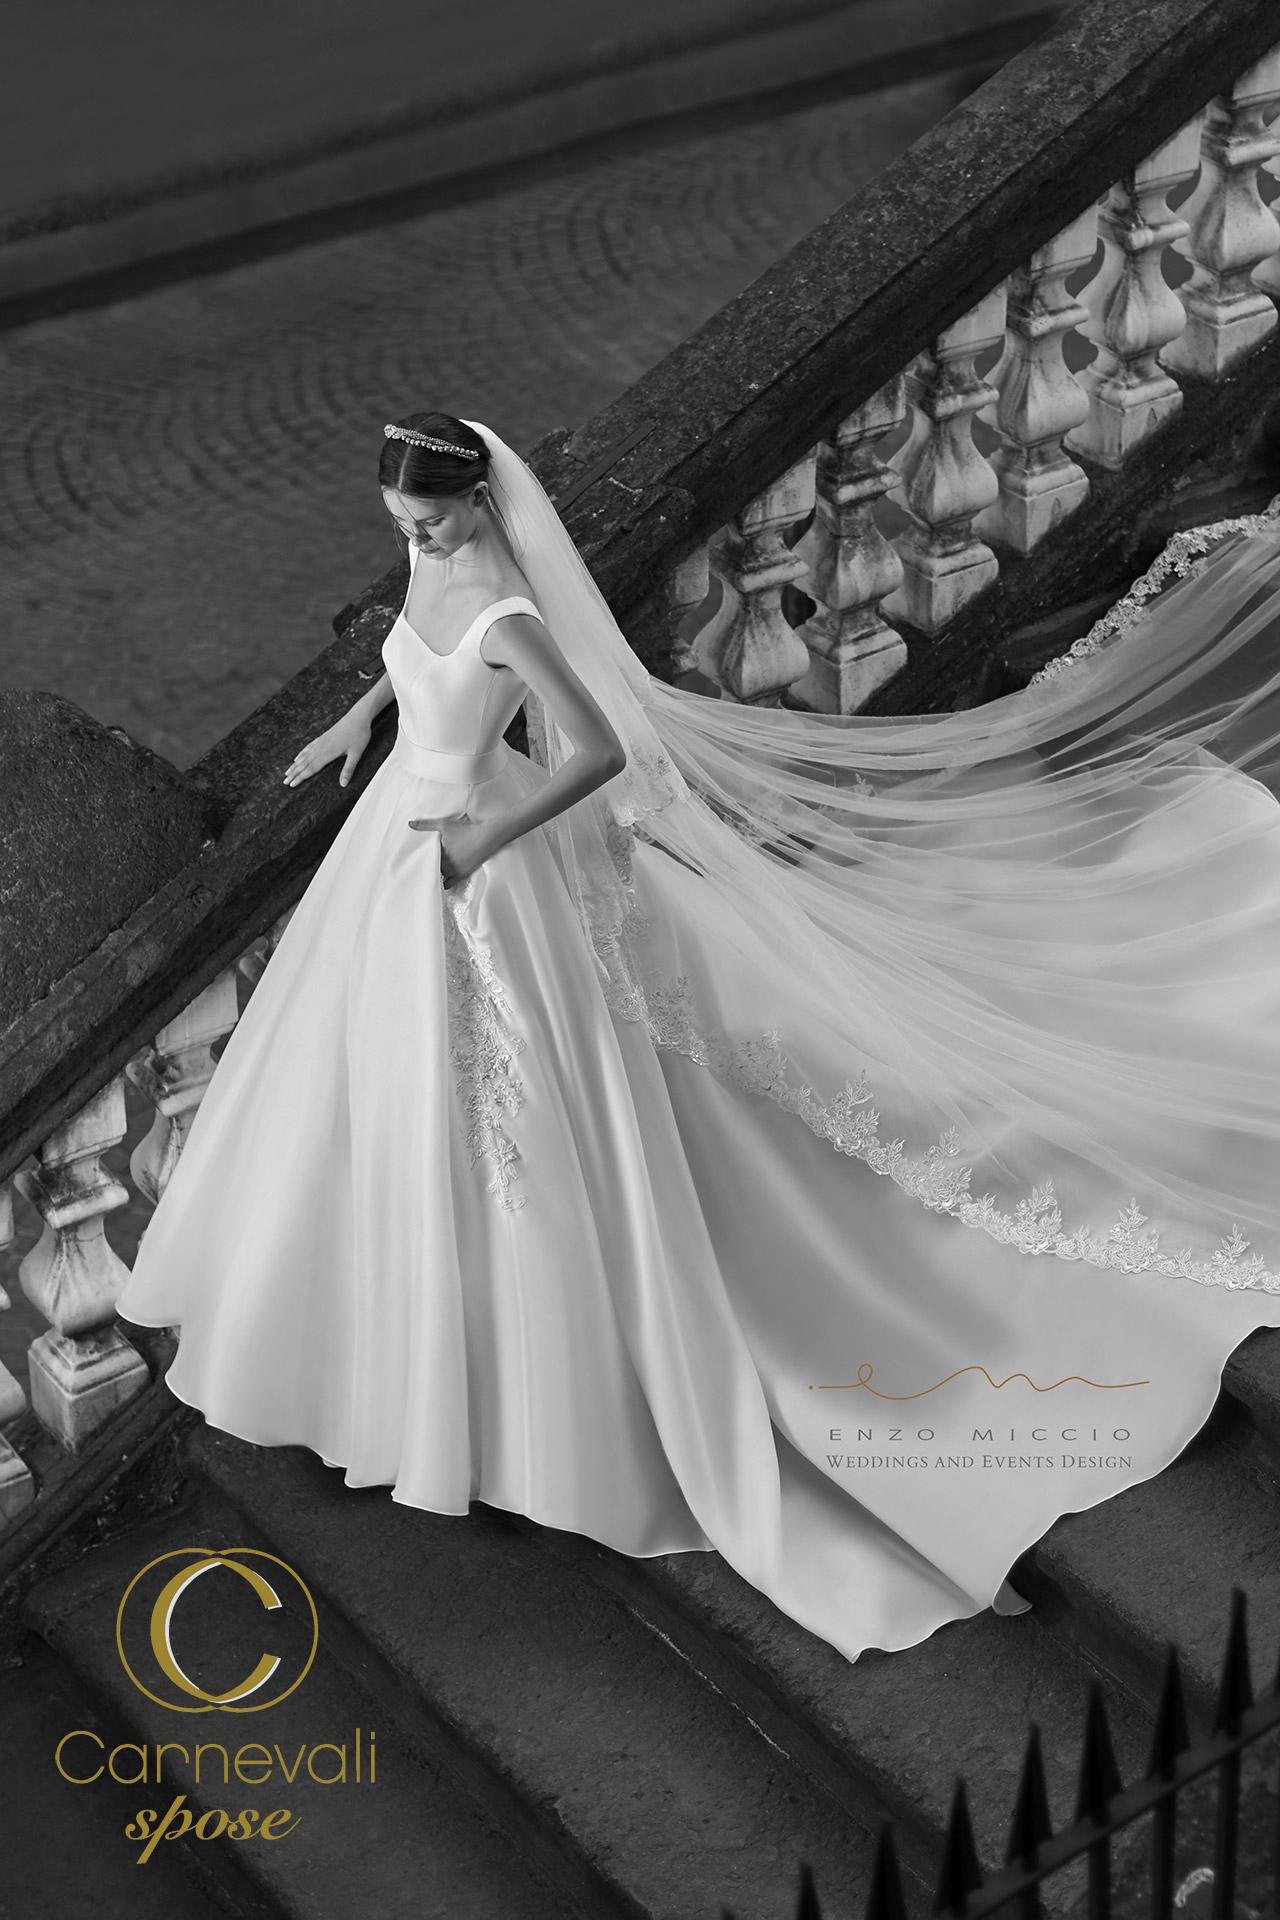 alta qualità colore attraente chiaro e distintivo ENZO MICCIO VOMERO - Carnevali Spose